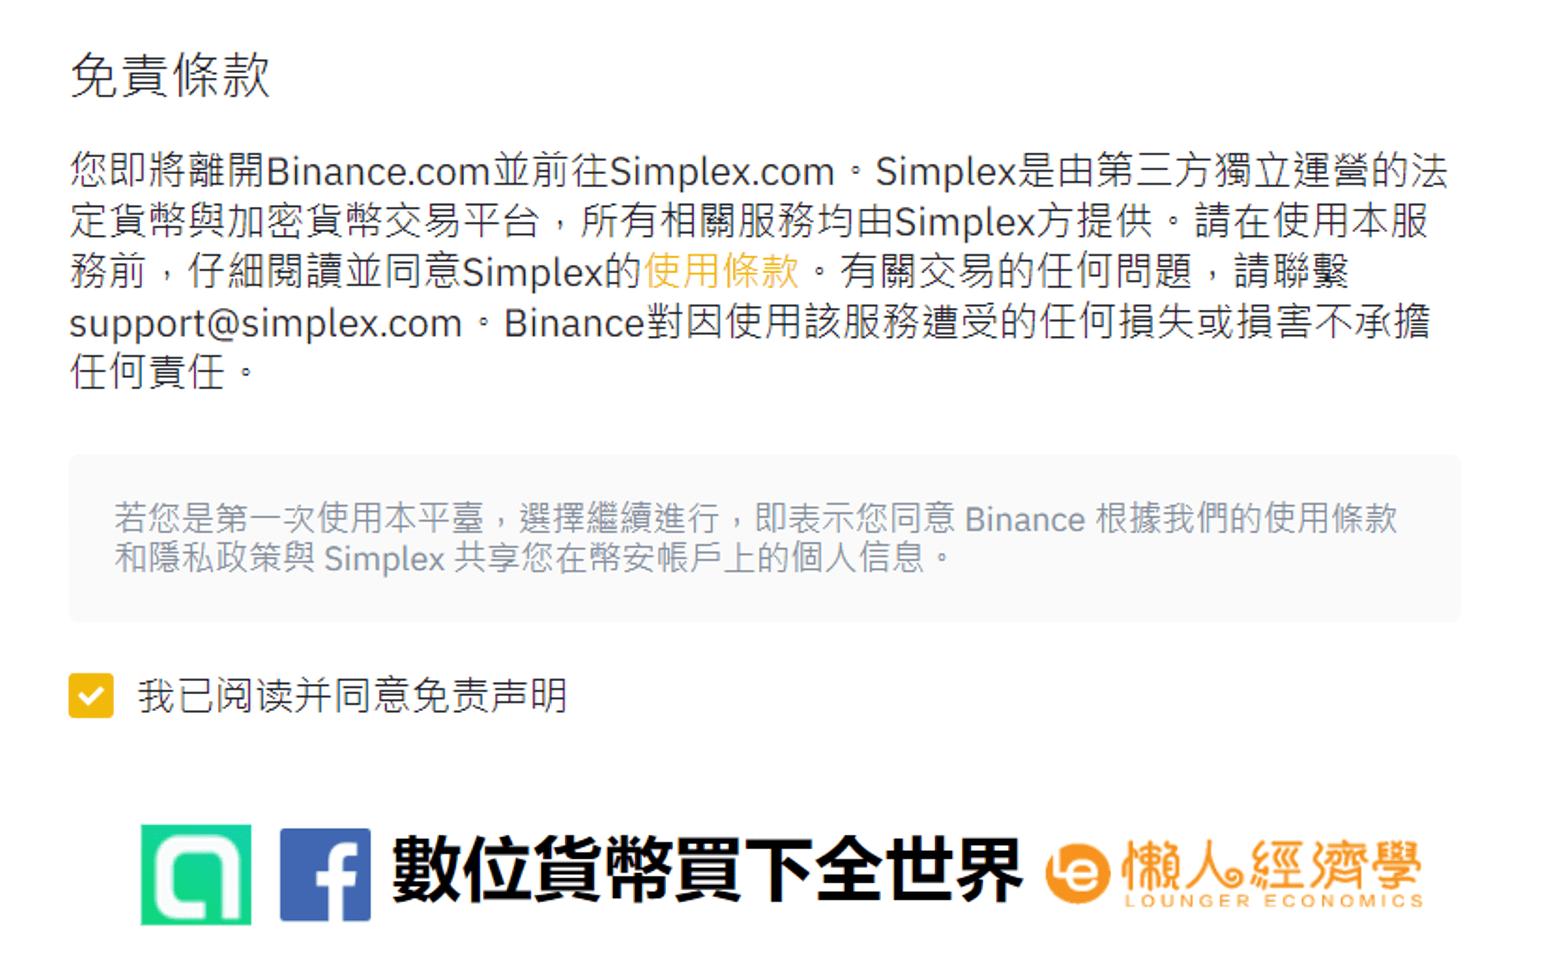 幣安第三方支付平台的免責條款